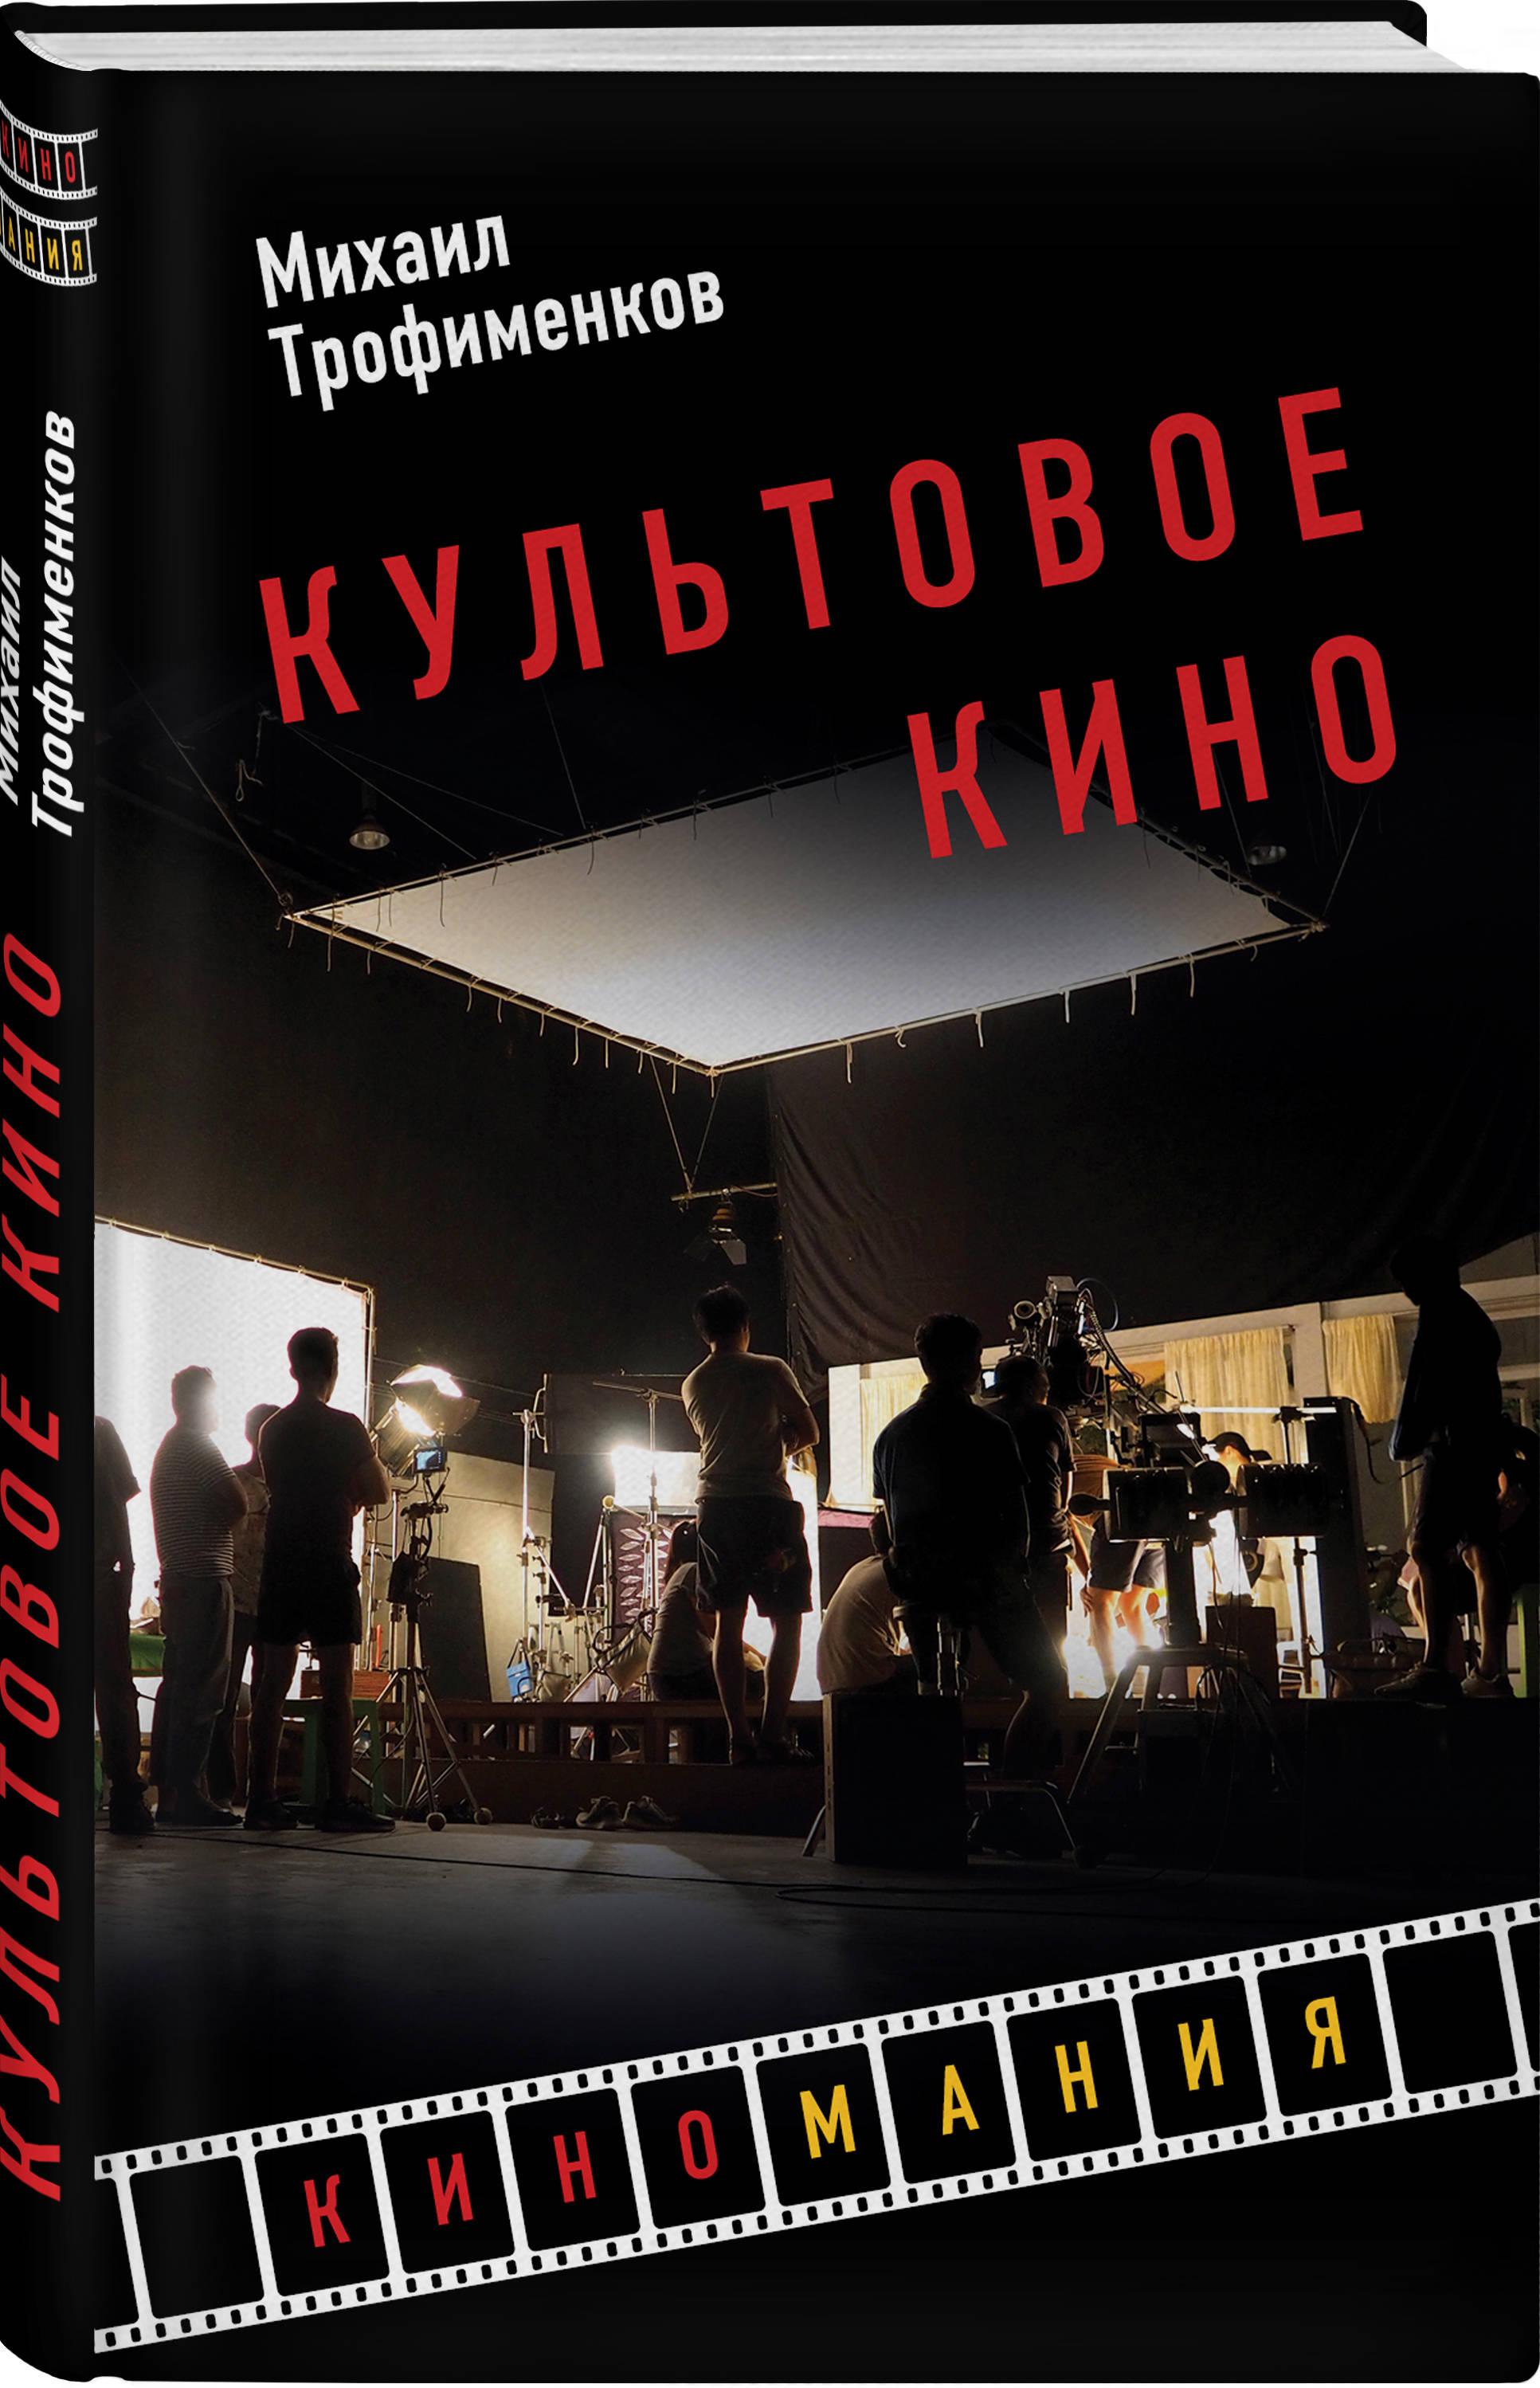 Культовое кино ( Трофименков Михаил  )